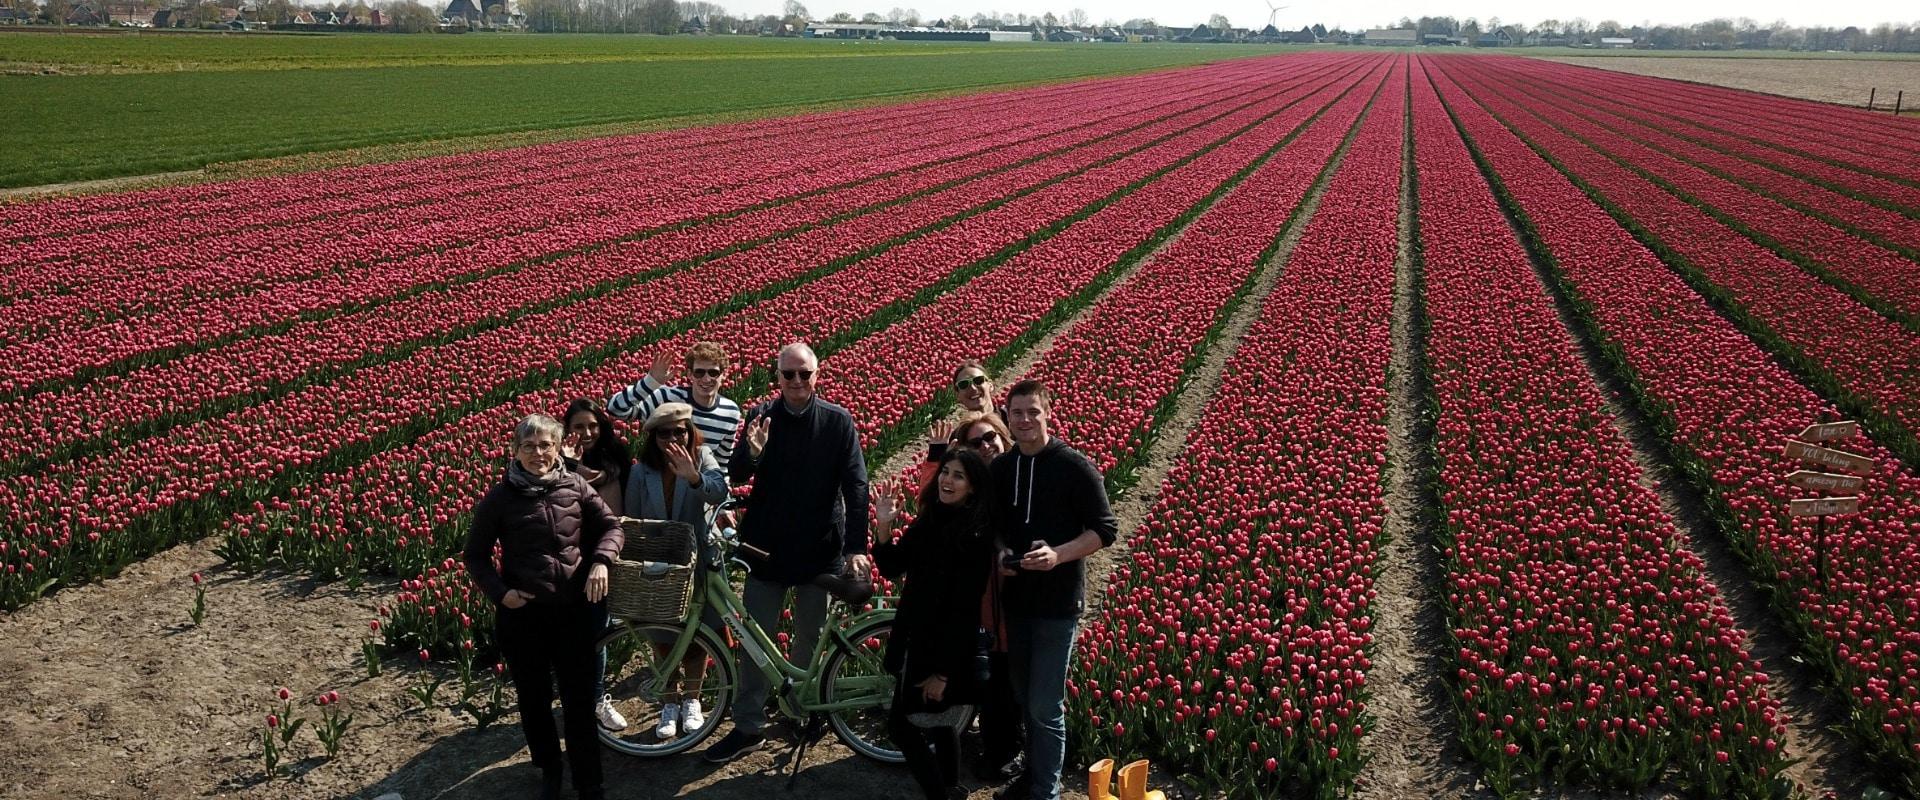 Tulip private tour